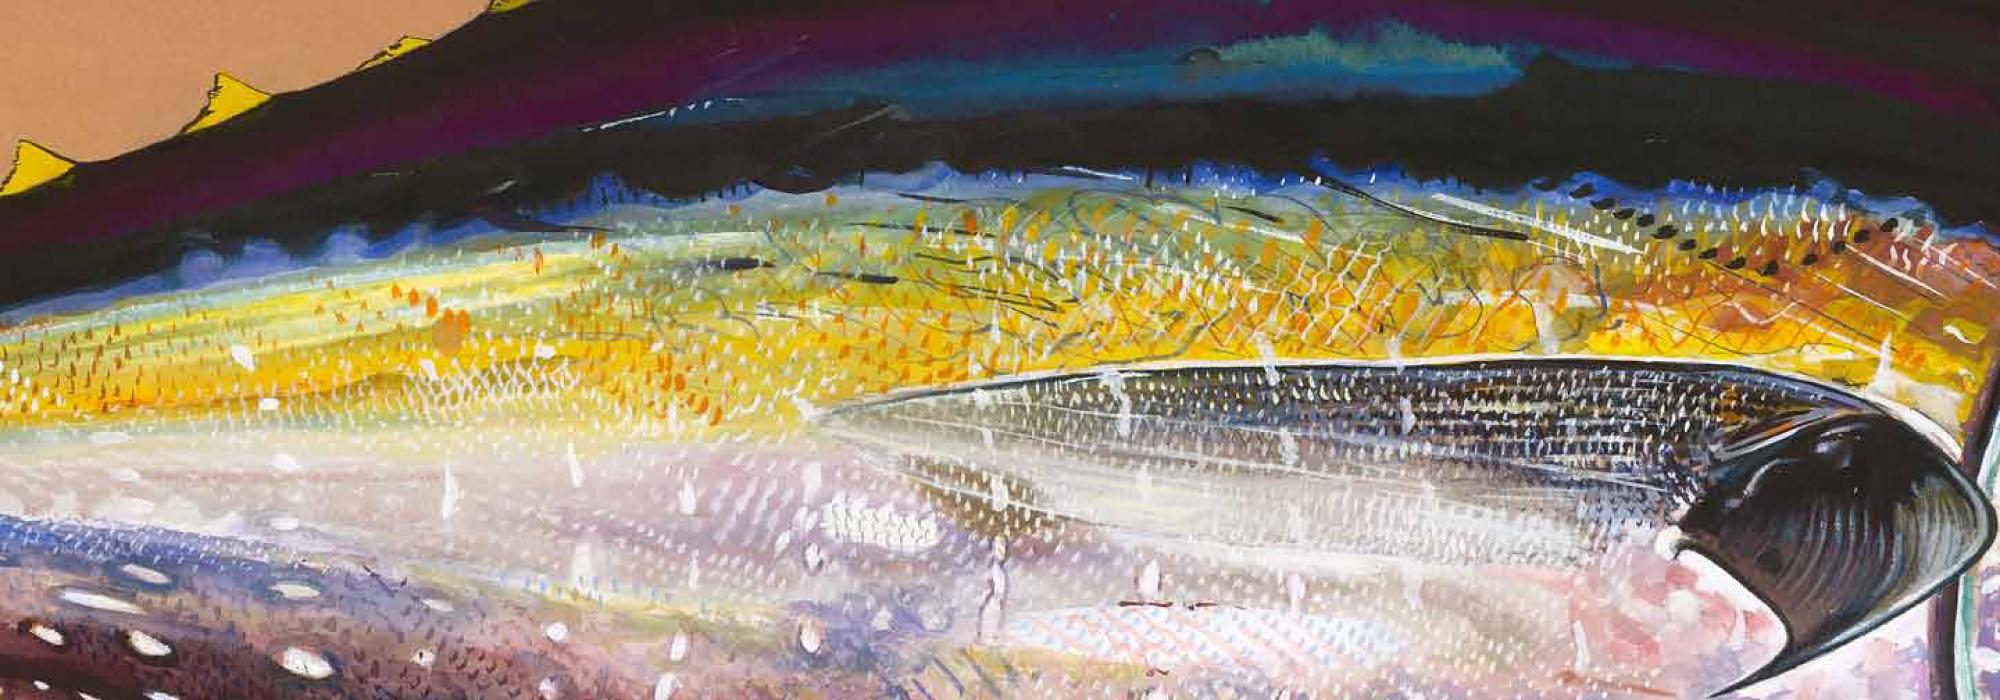 03.fishpart2-37.jpg